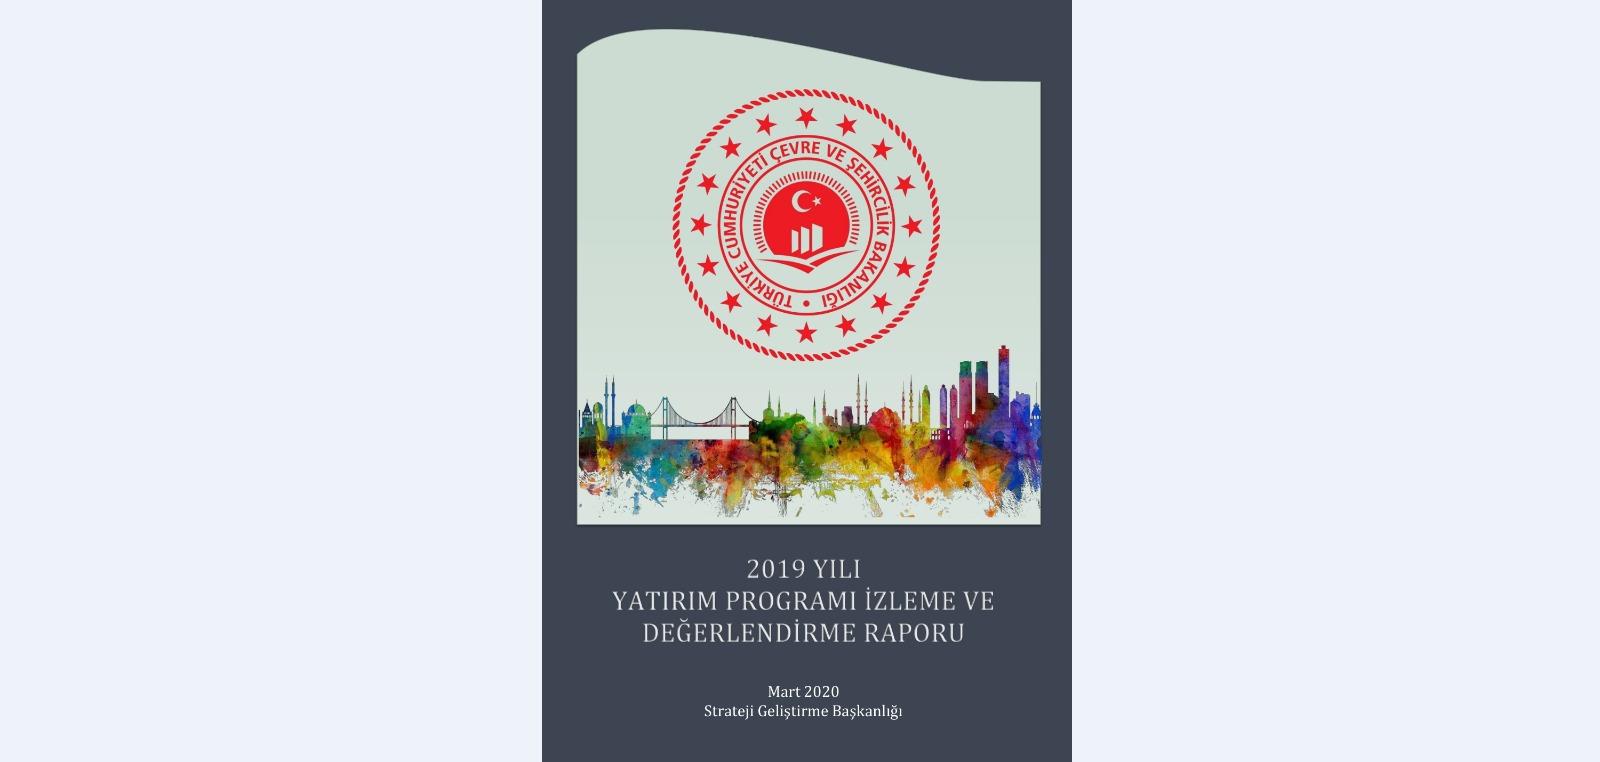 2019 Yılı Yatırım Programı ve Değerlendirme Raporu